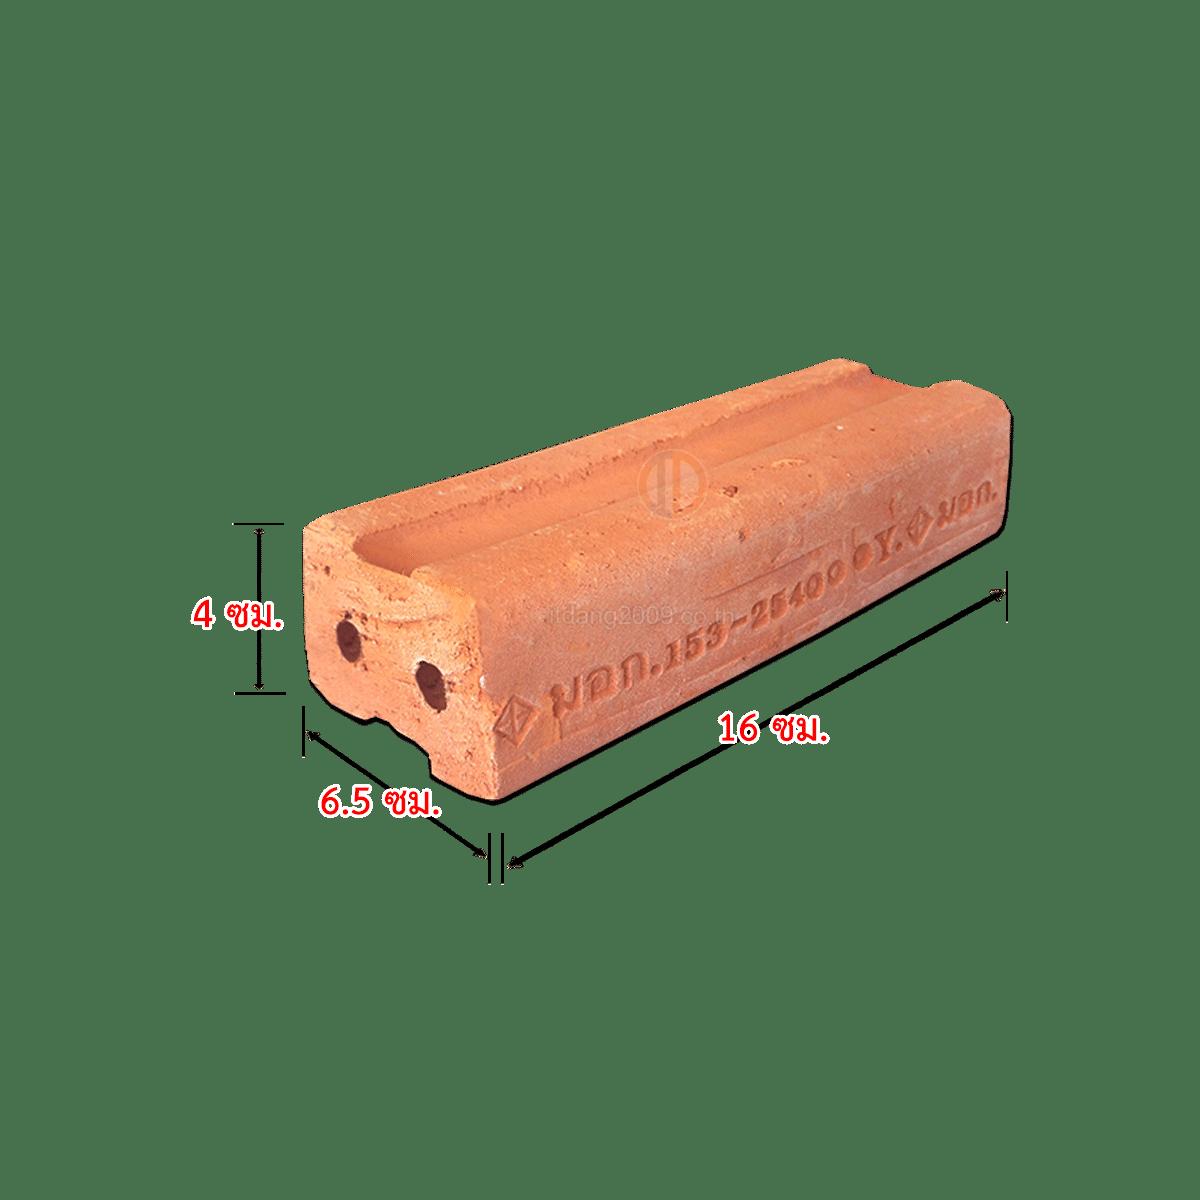 110 อิฐแดง มอก.153-2540 ขนาด 4X6.5X16 ซม. (2)